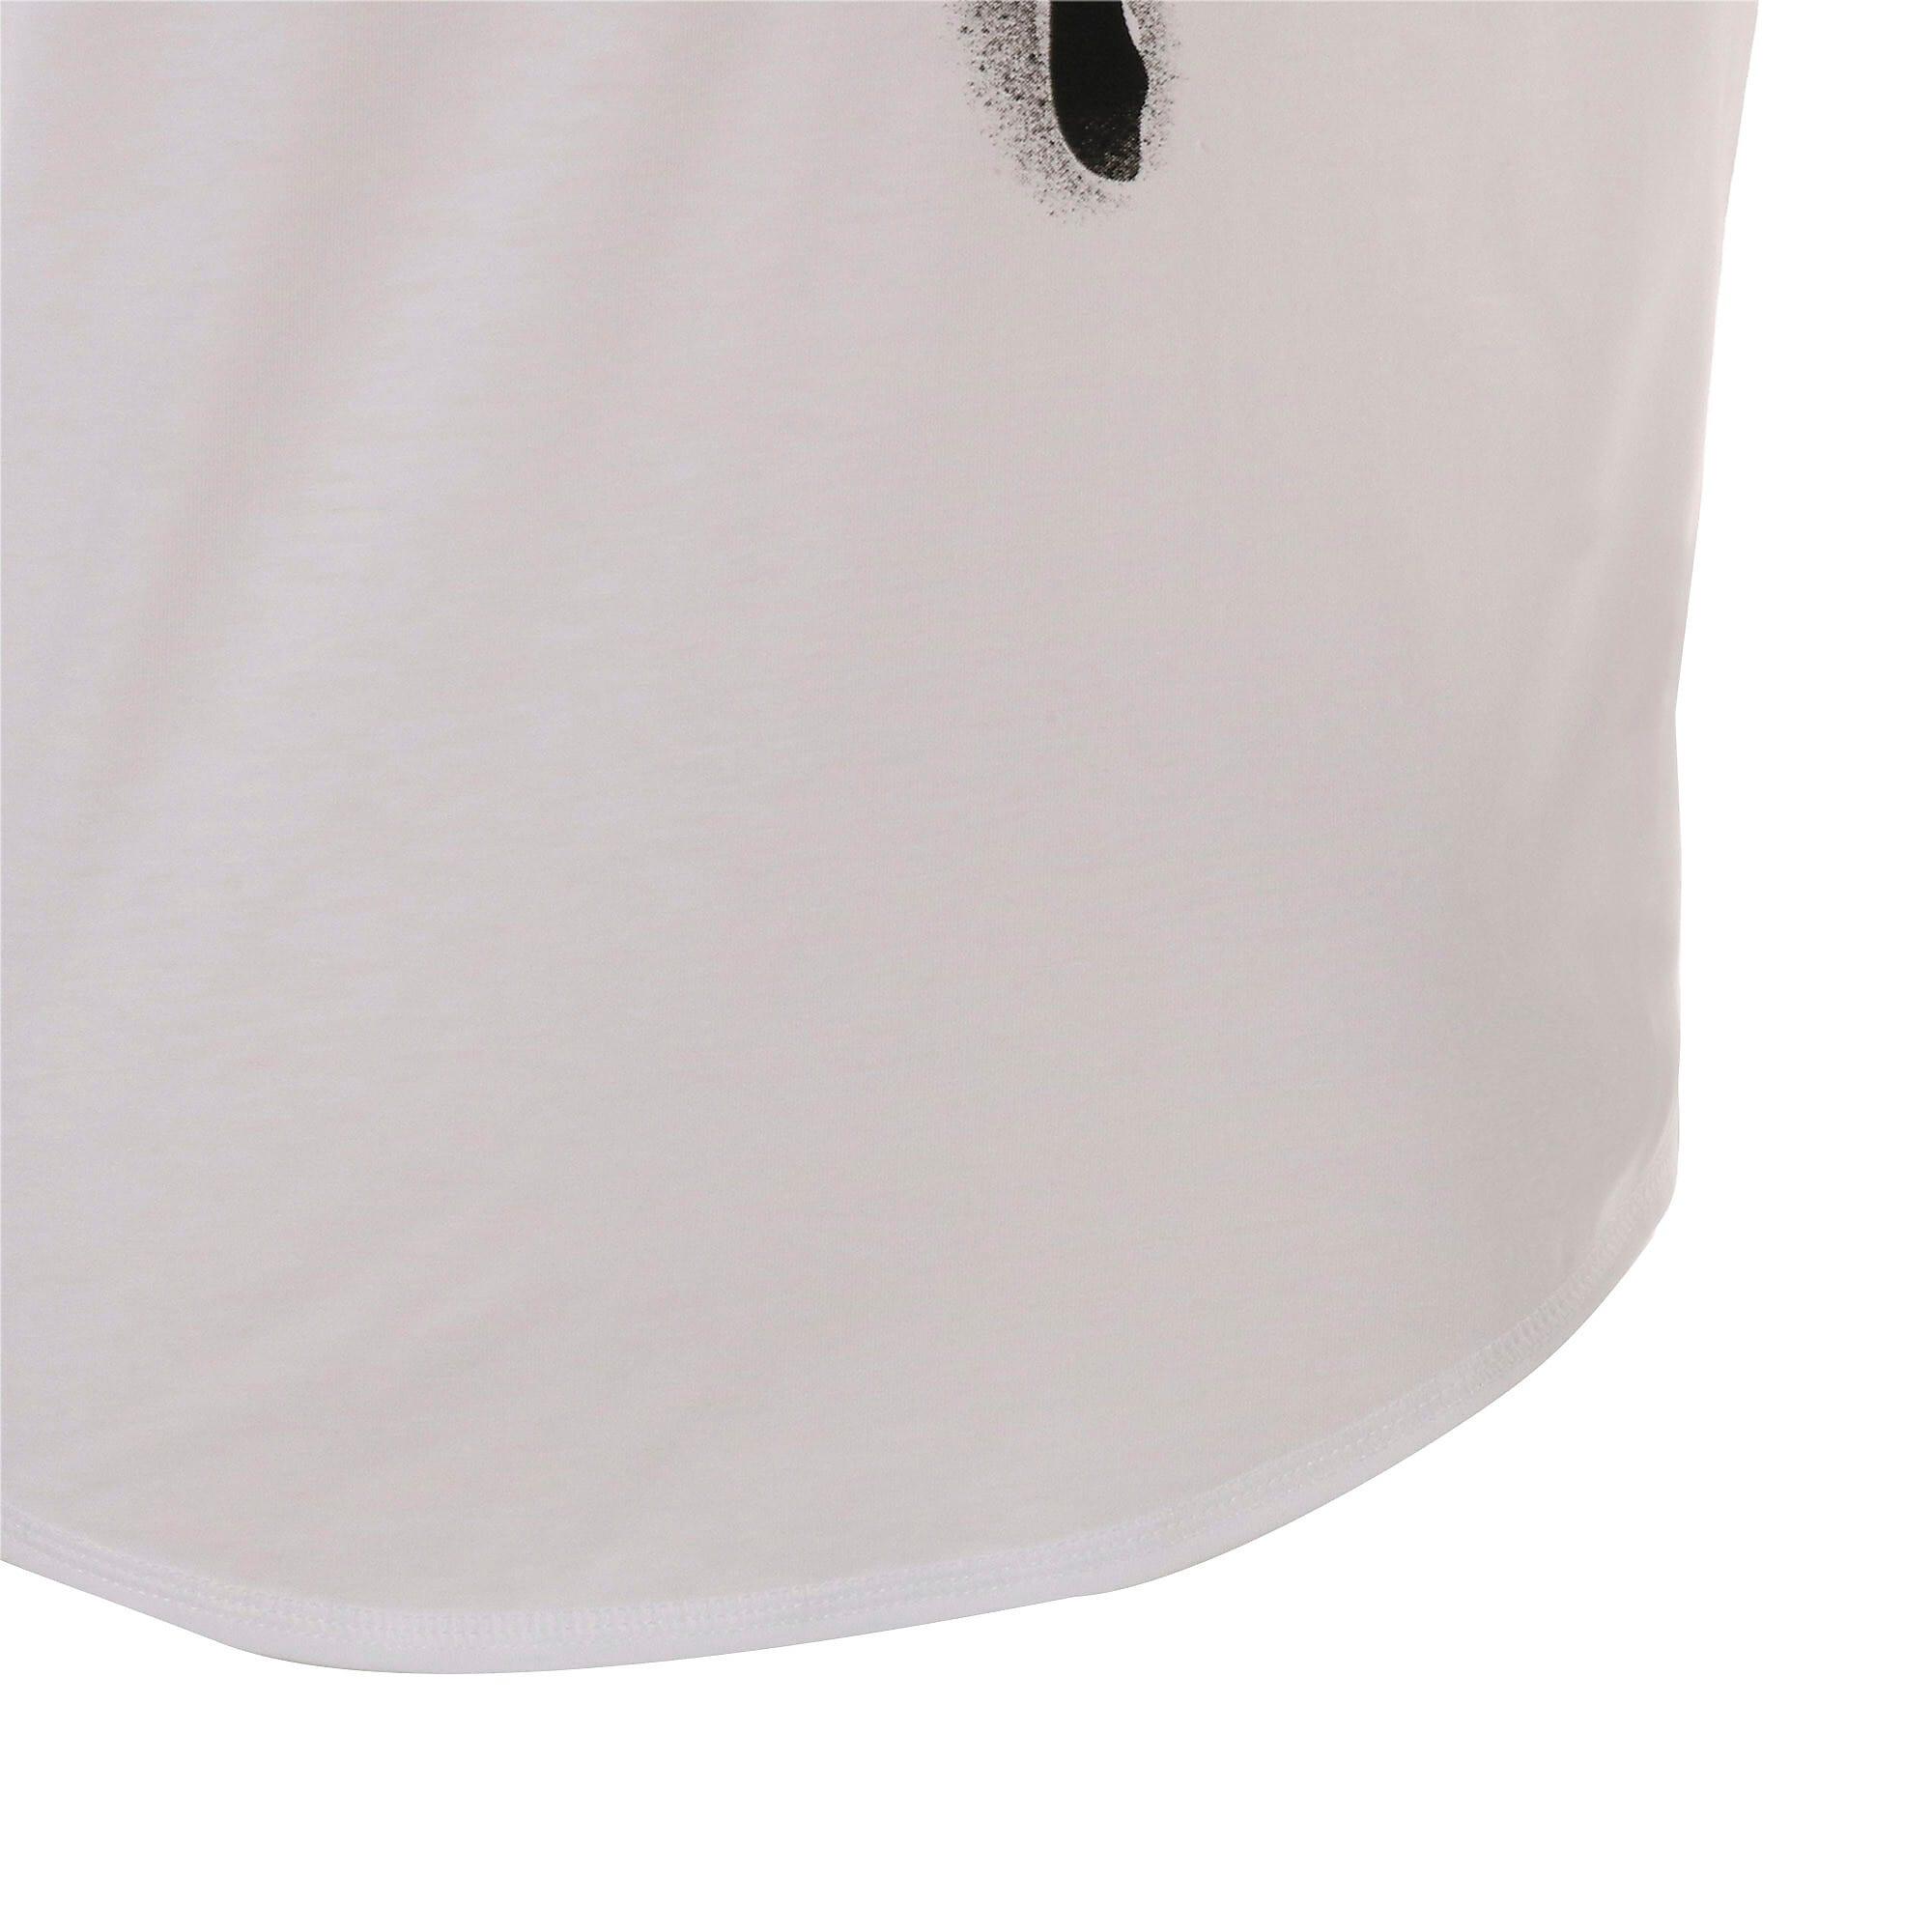 Thumbnail 9 of スタジオ SS ウィメンズ トレーニング メッシュ キャット Tシャツ 半袖, Puma White, medium-JPN